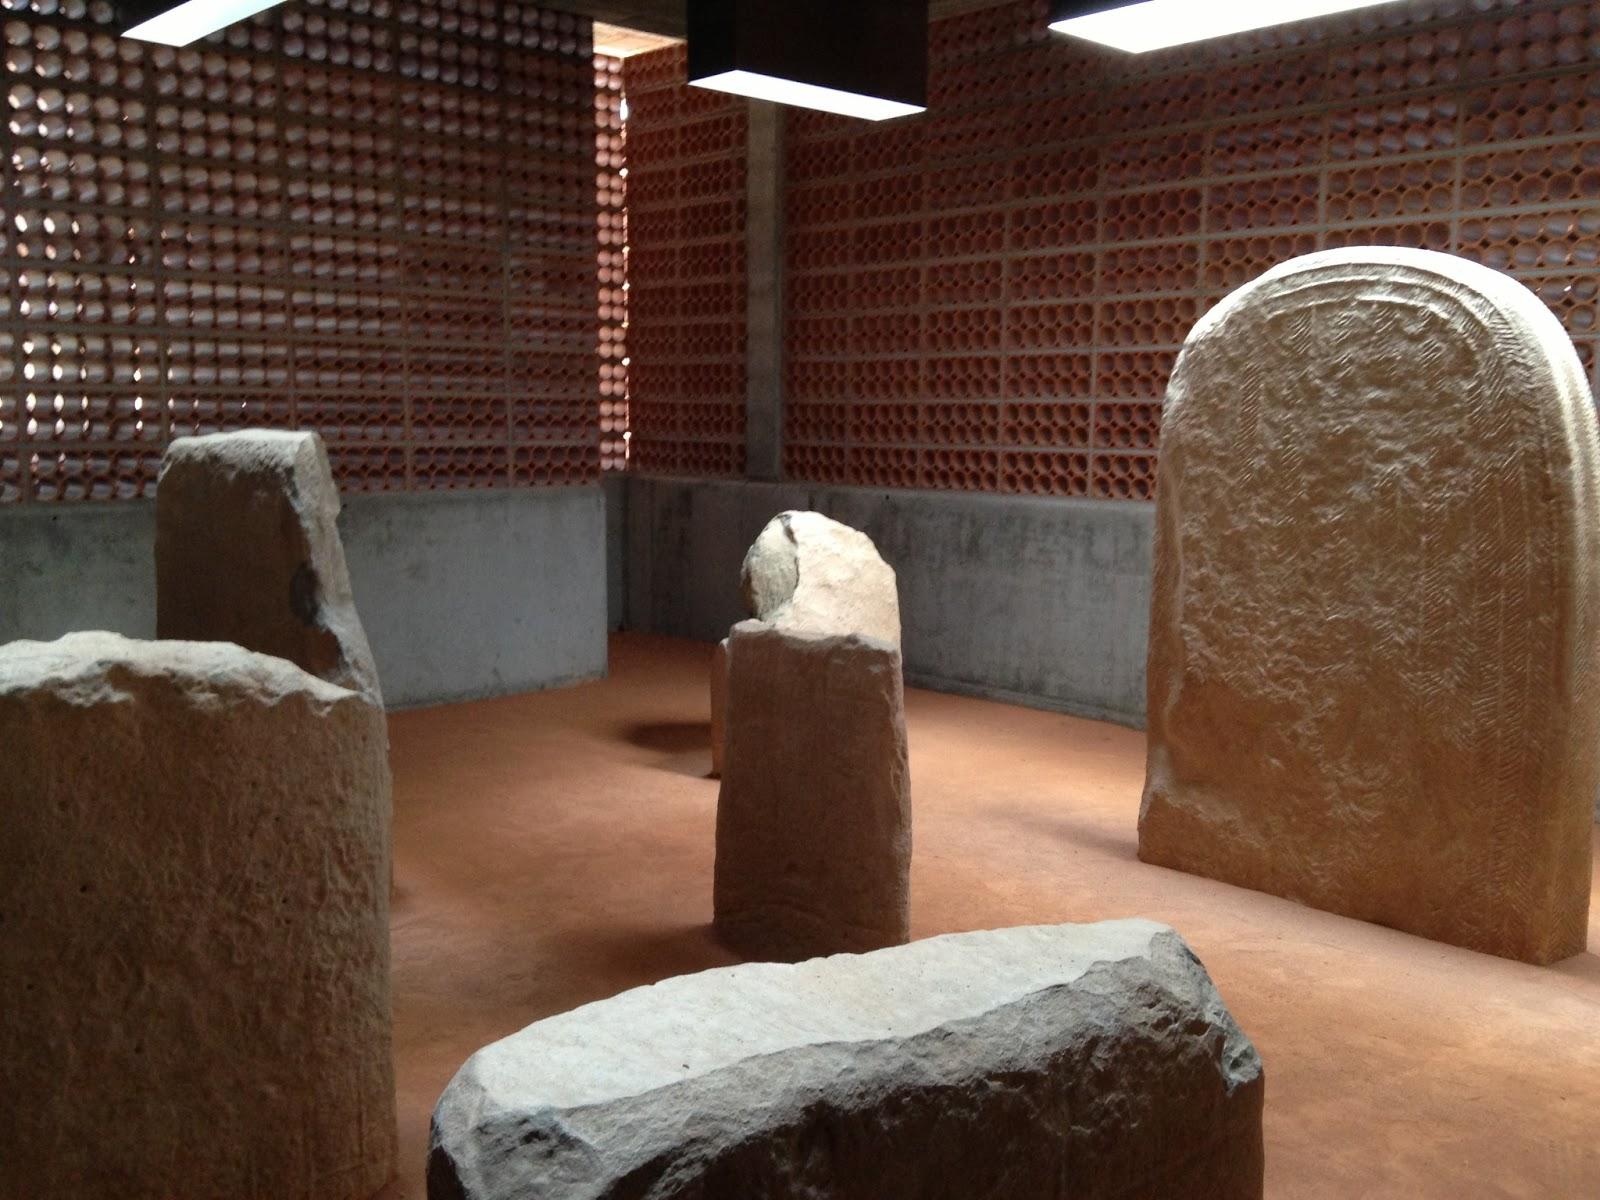 Tocho t8 toni giron s 1965 museo del t mulo y dolmen for Cuarto milenio museo